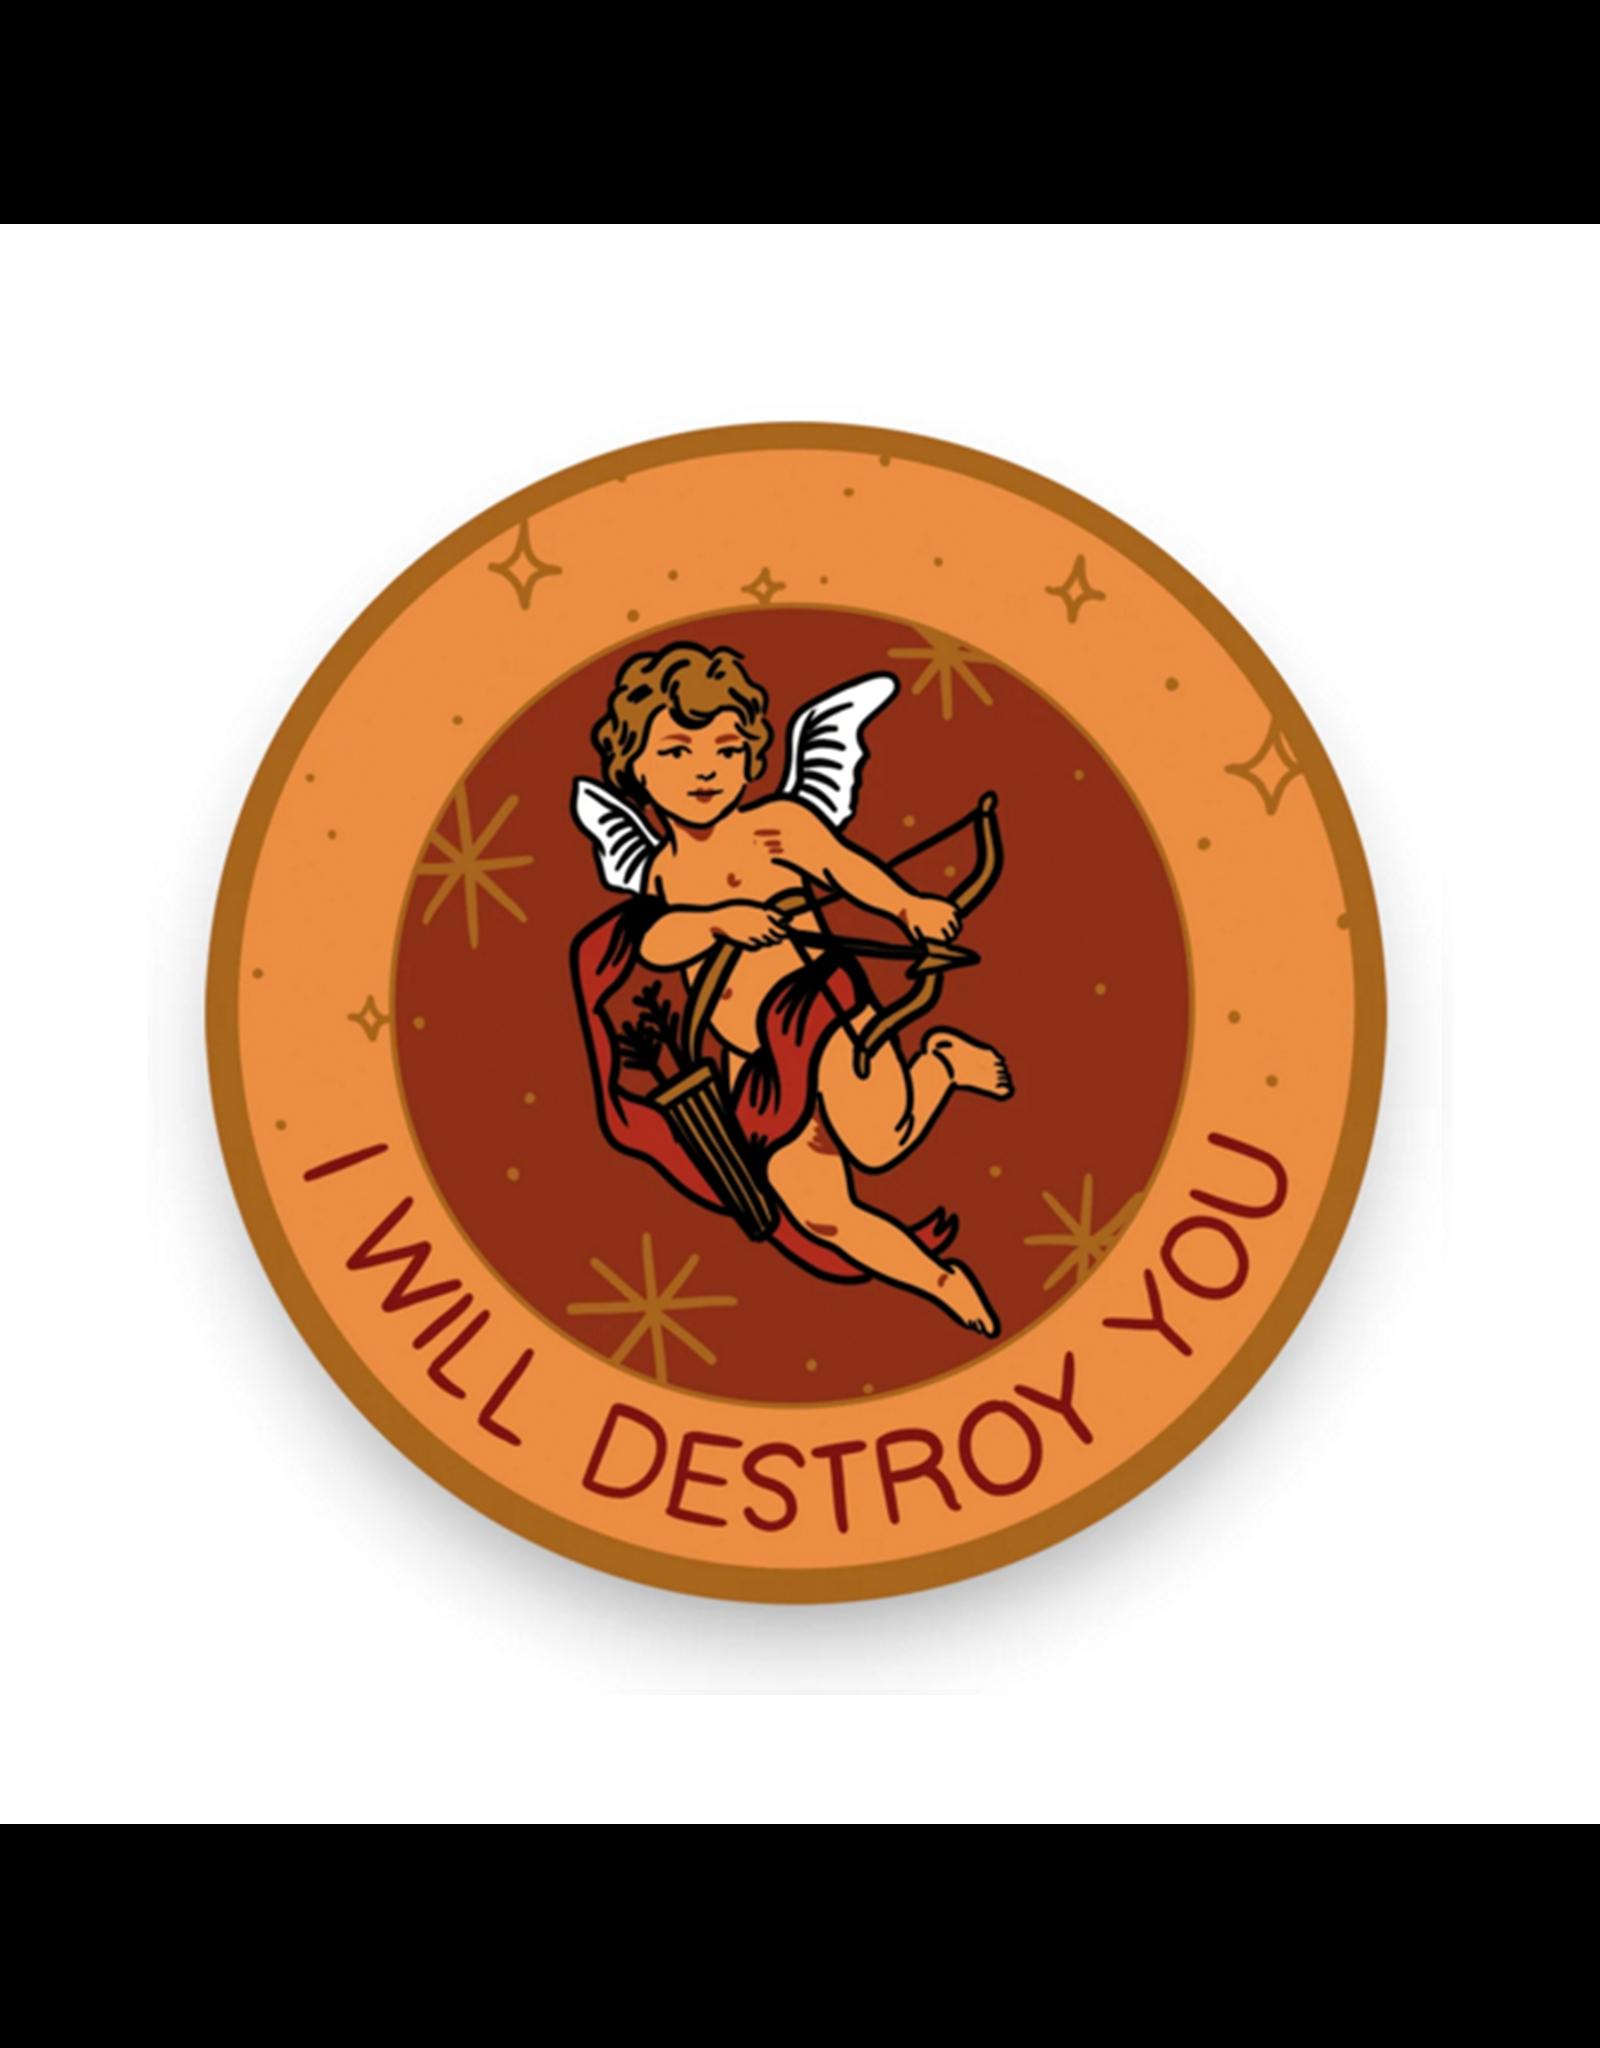 Stay Home Club Cupid Destroy Vinyl Sticker